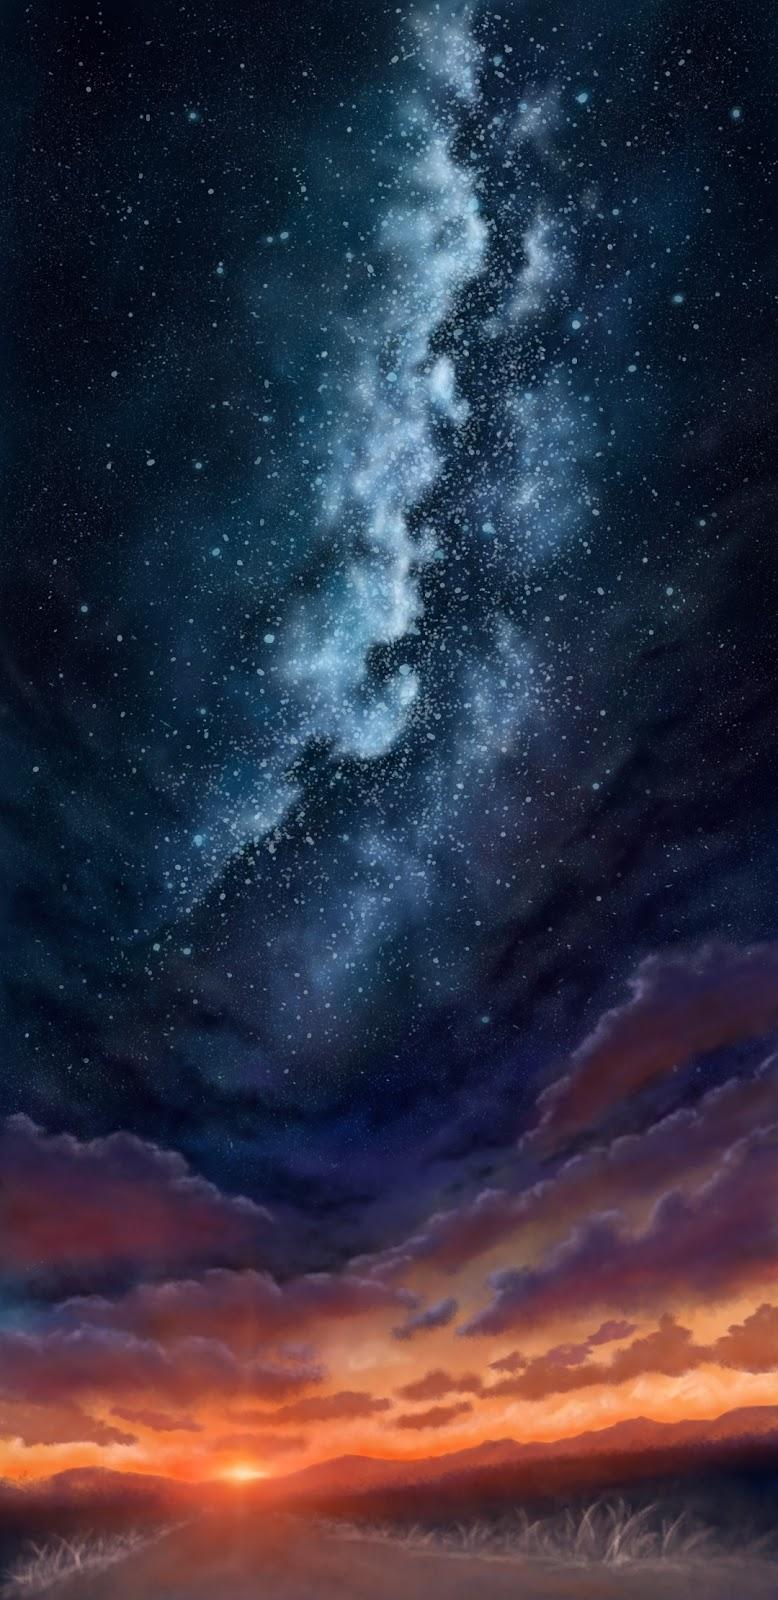 Dãy ngân hà đầy sao giữa hoàng hôn